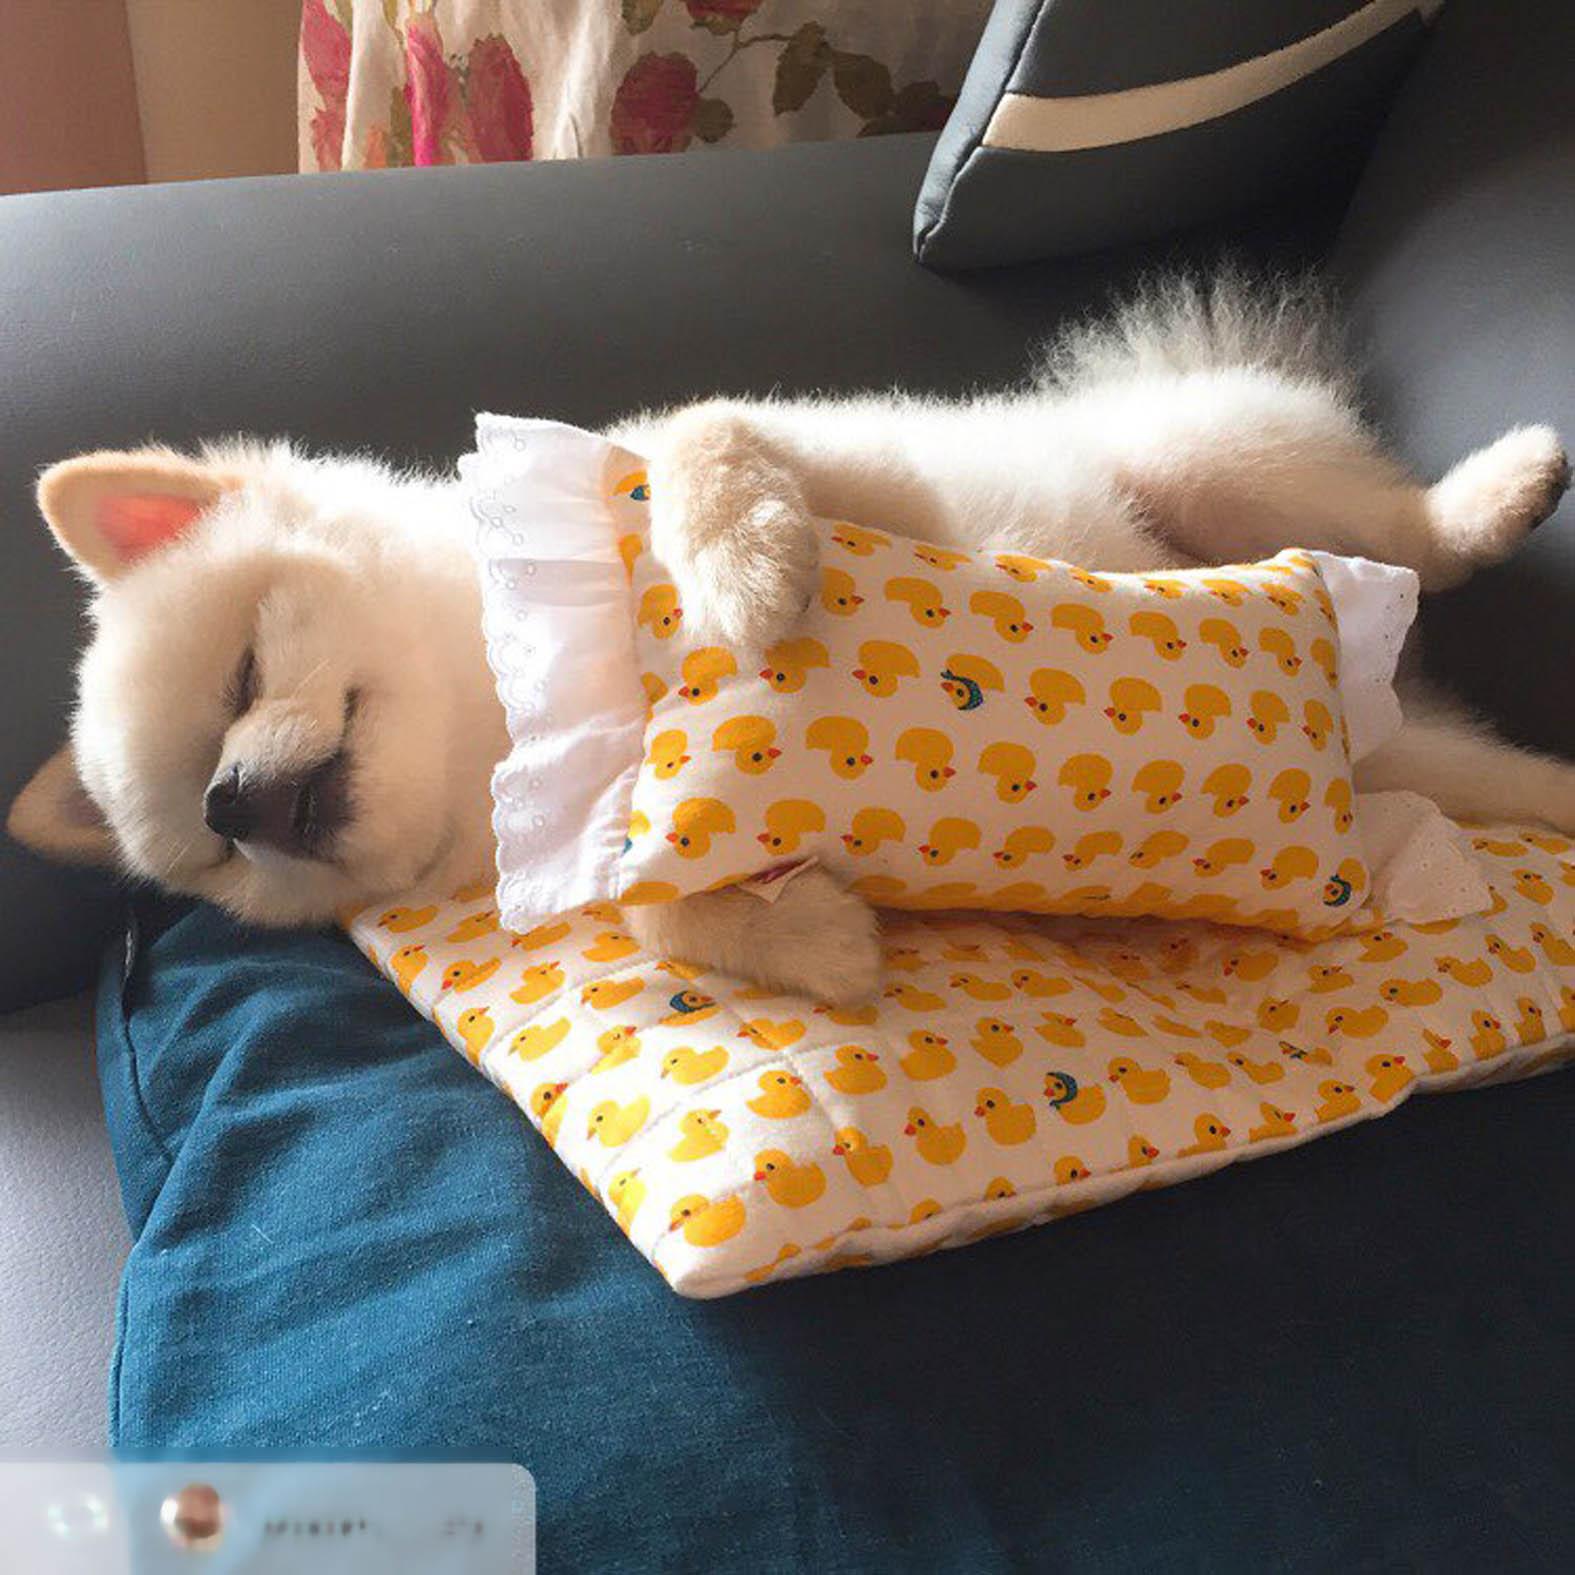 『Funny Life』韩国代购猫狗宠物小黄鸭郁金香笑脸褶边靠垫枕头